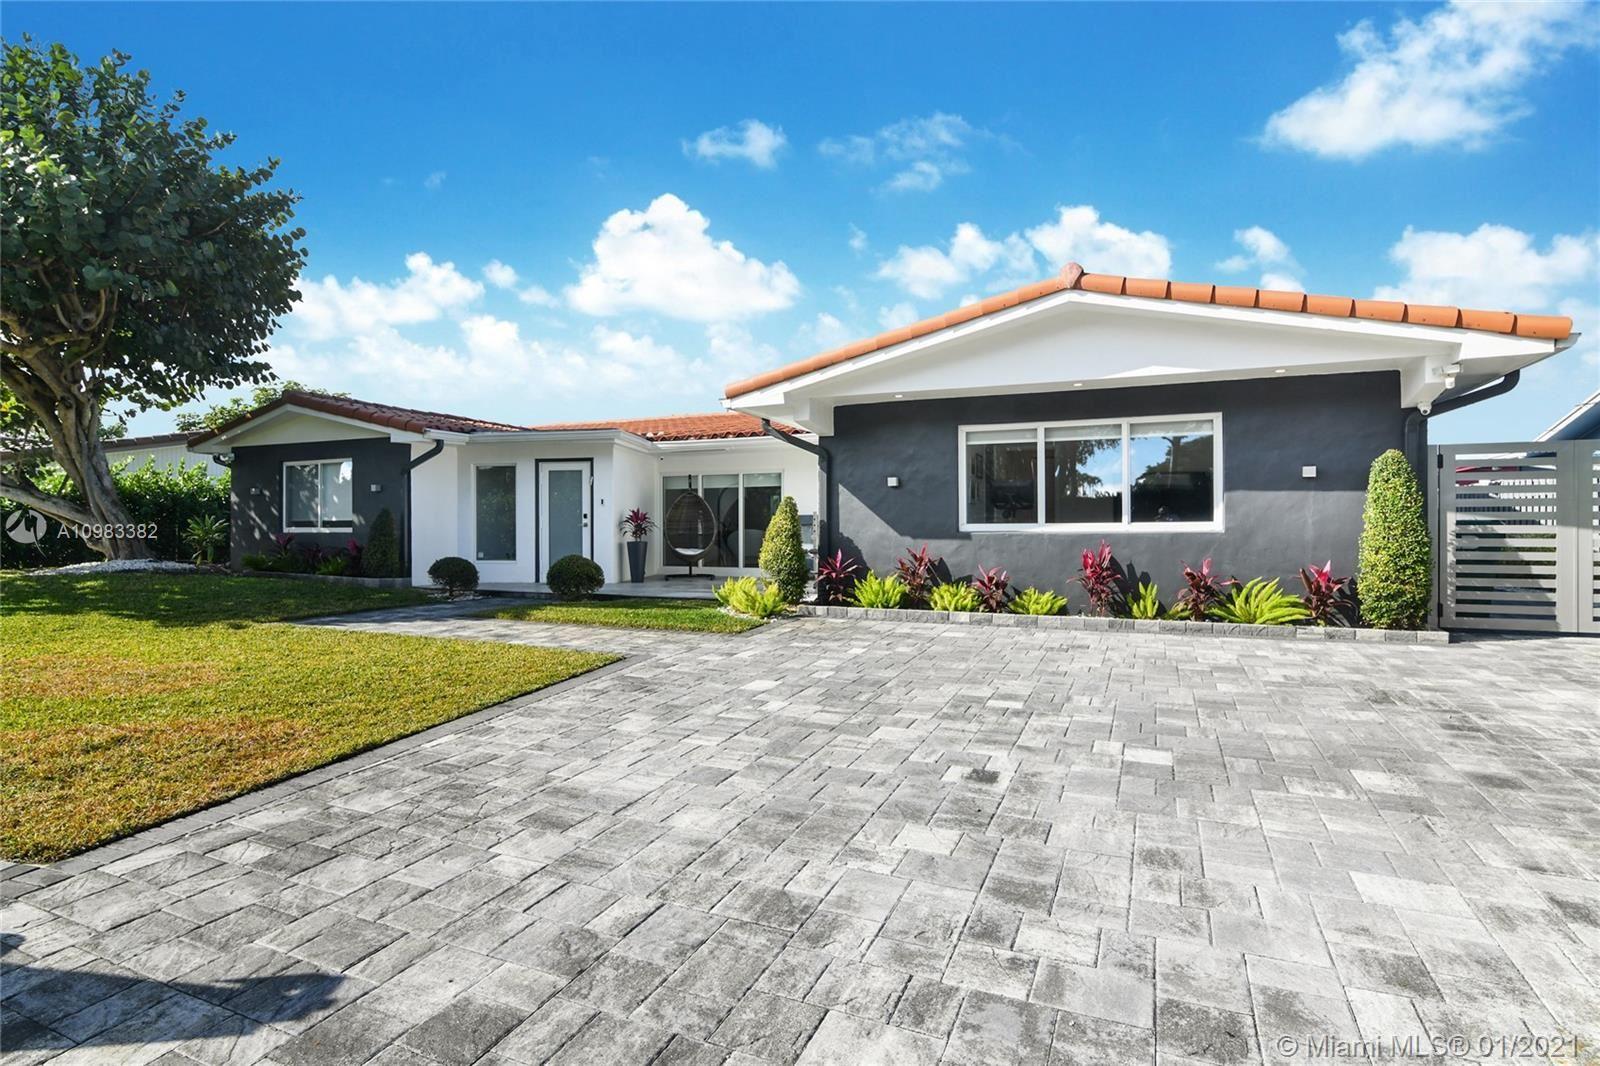 21180 NE 20th Ct, Miami, FL 33179 - #: A10983382